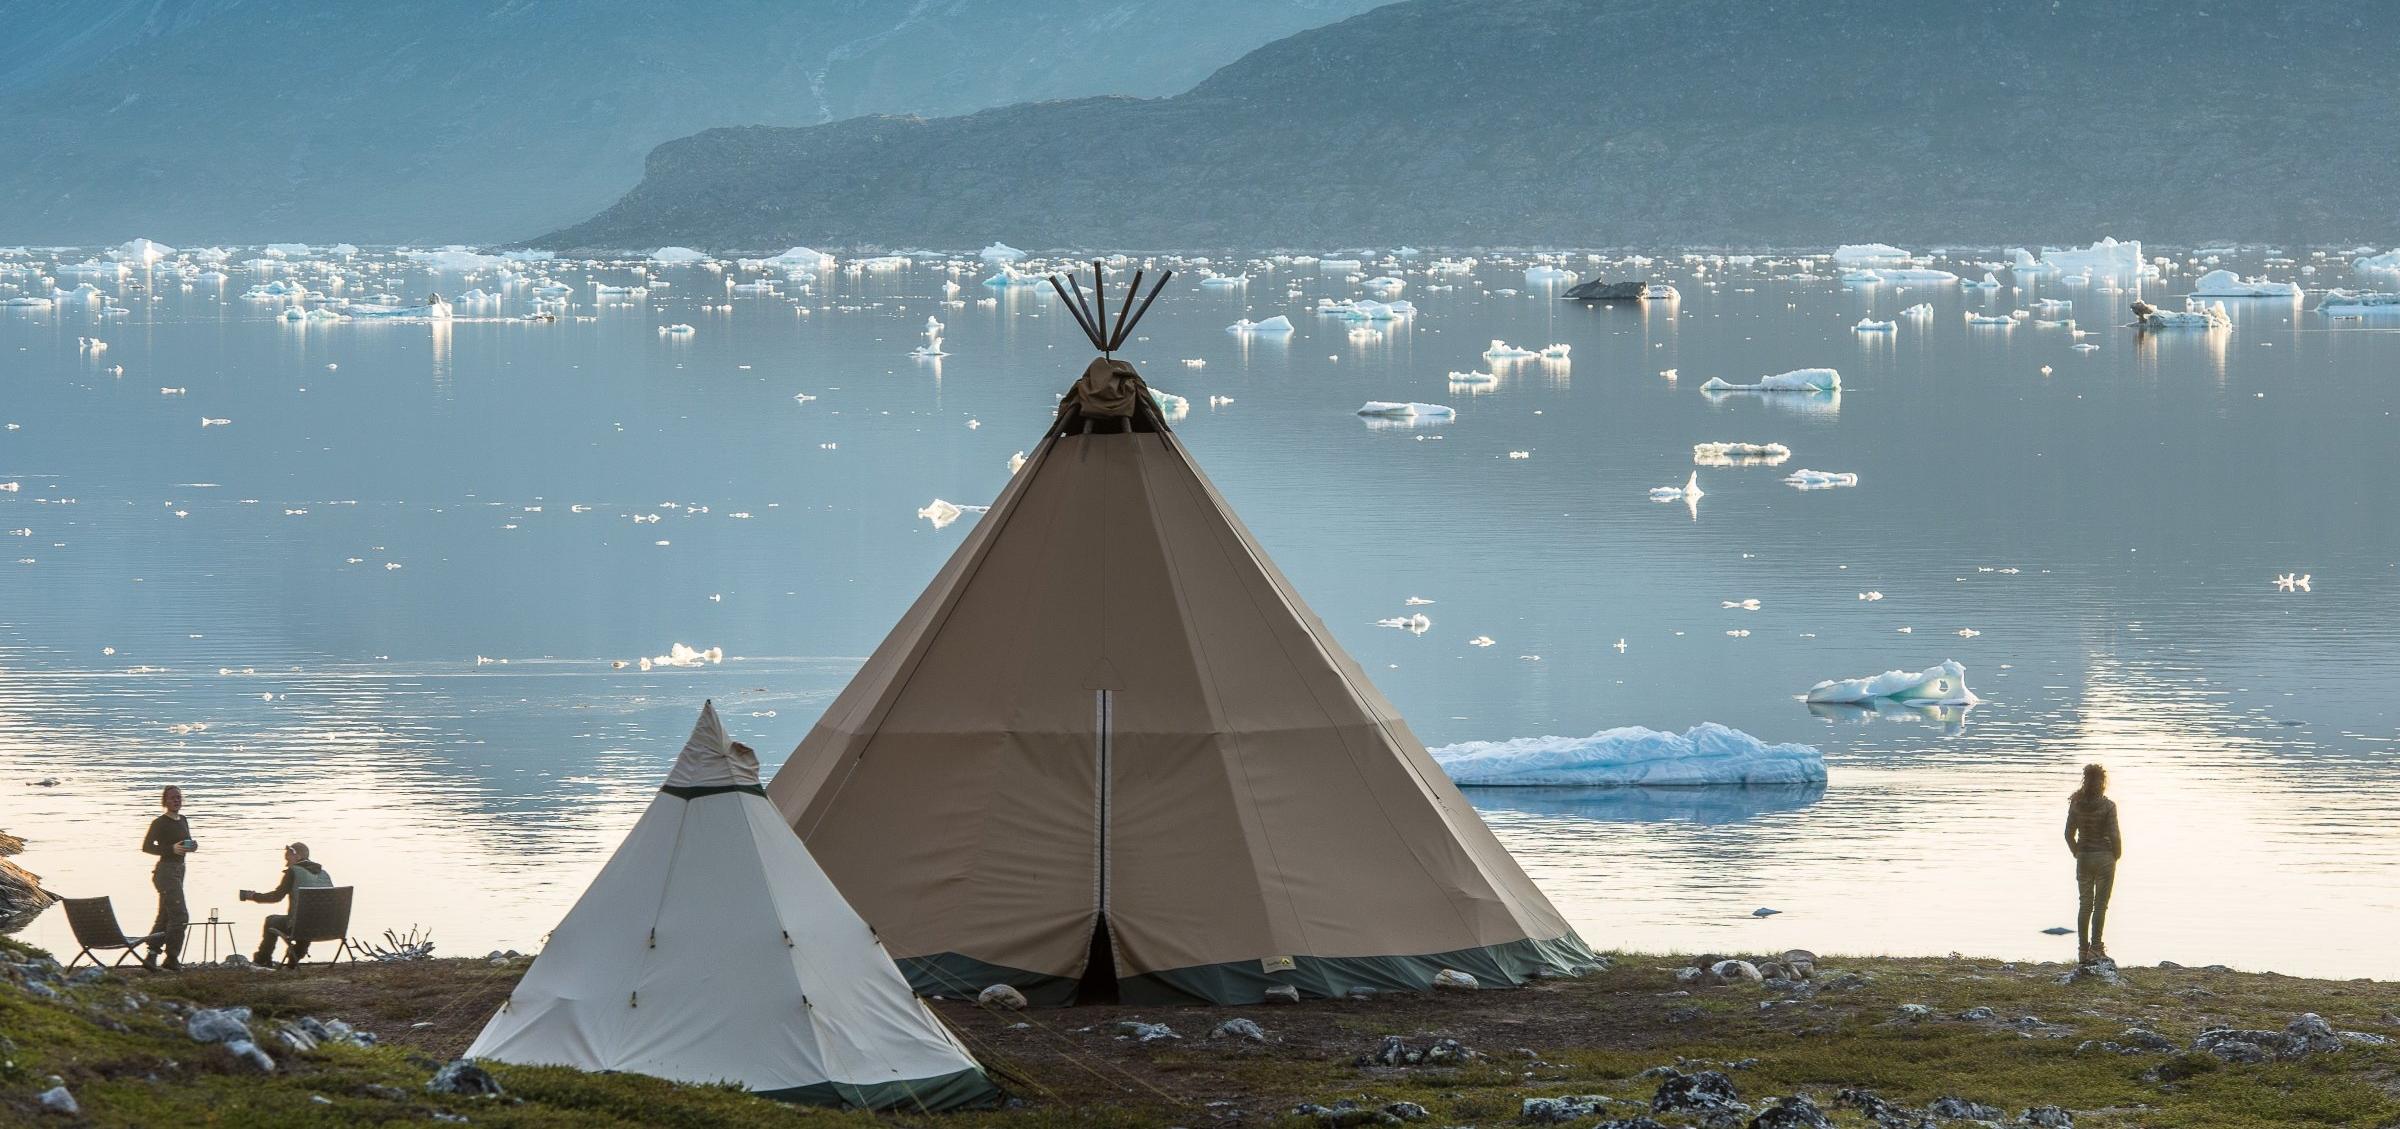 Camp Kiattua var oprindeligt tænkt som en engangsferielejr for en velhavende ven af grundlæggeren af Tesla-koncernen, men har siden haft gæster fra blandt andet den jordanske kongefamilie. Foto: arctic-nomad.com